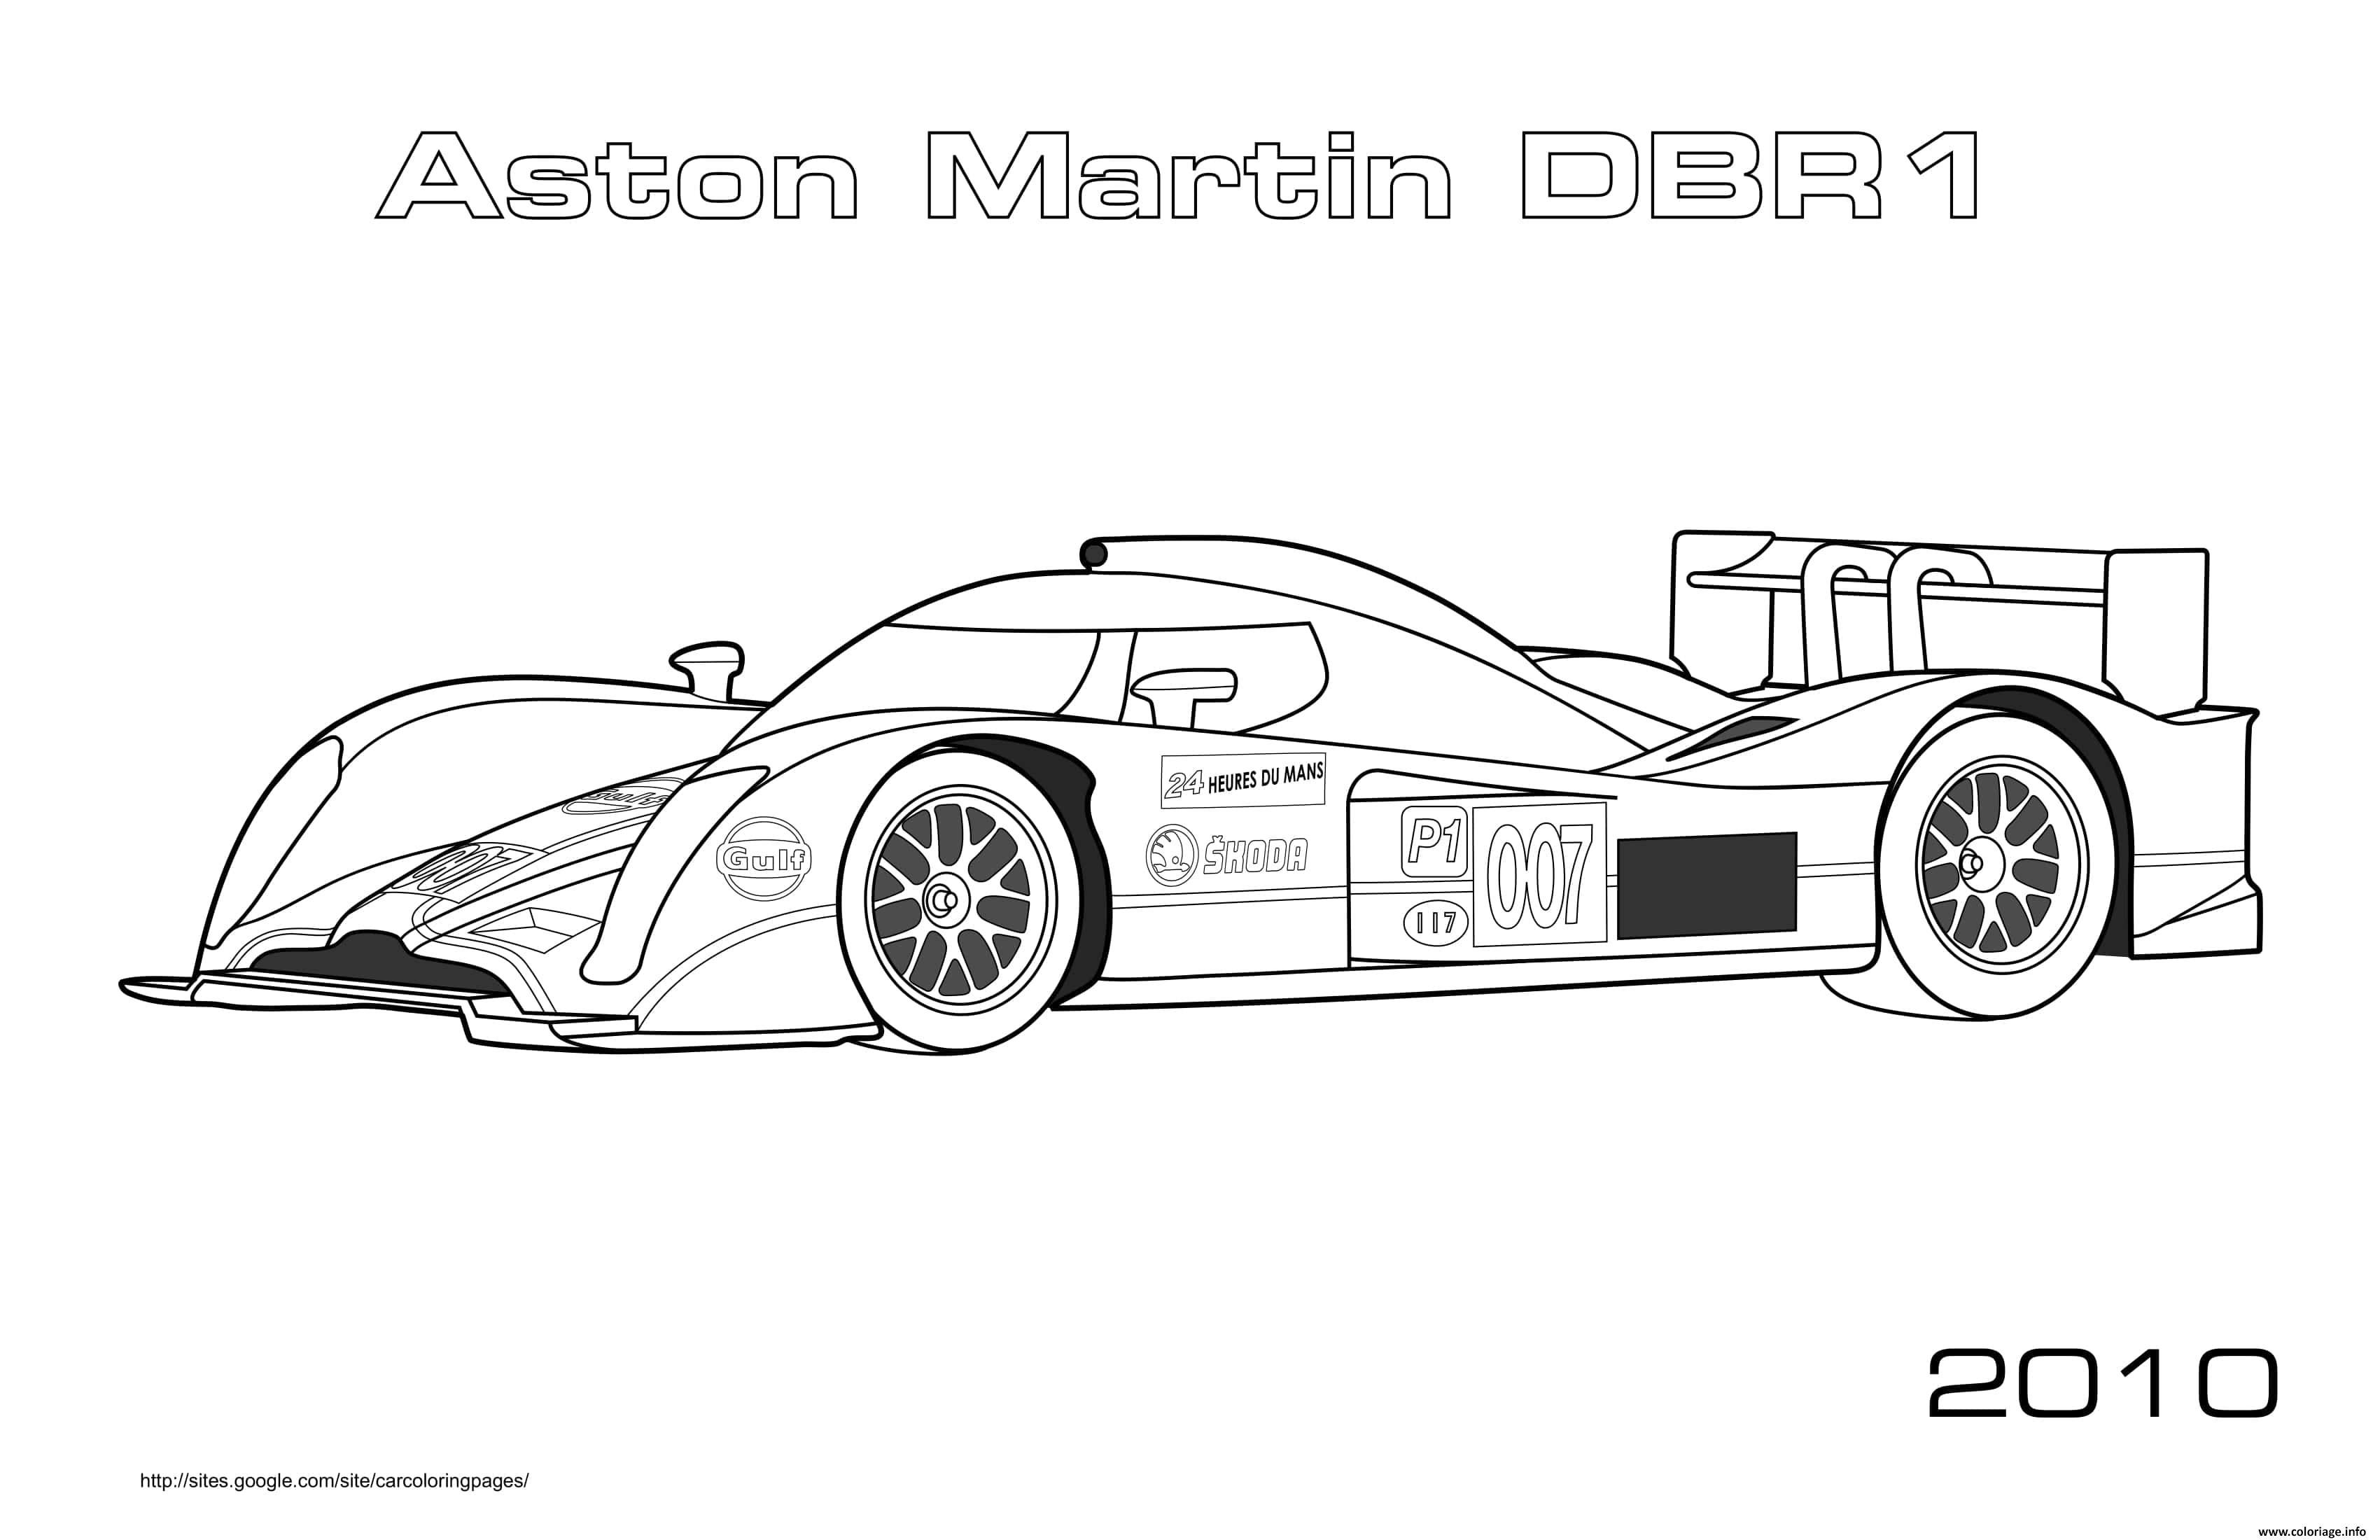 Dessin Formule 1 Voiture Aston Martin Dbr1 2010 Coloriage Gratuit à Imprimer